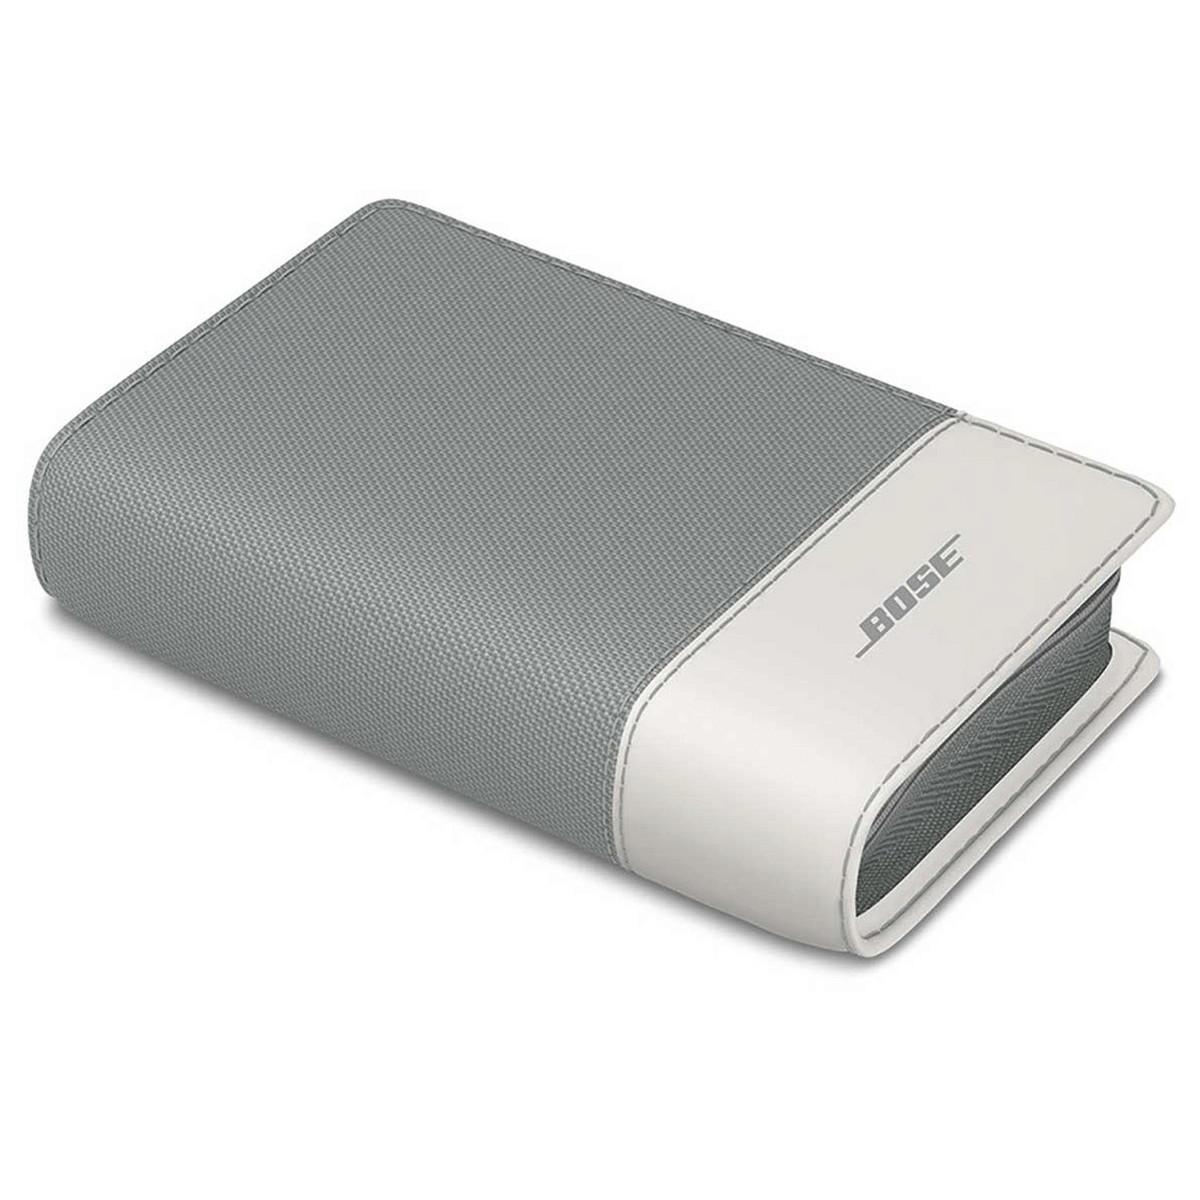 Bose Kopfhorer Iphone